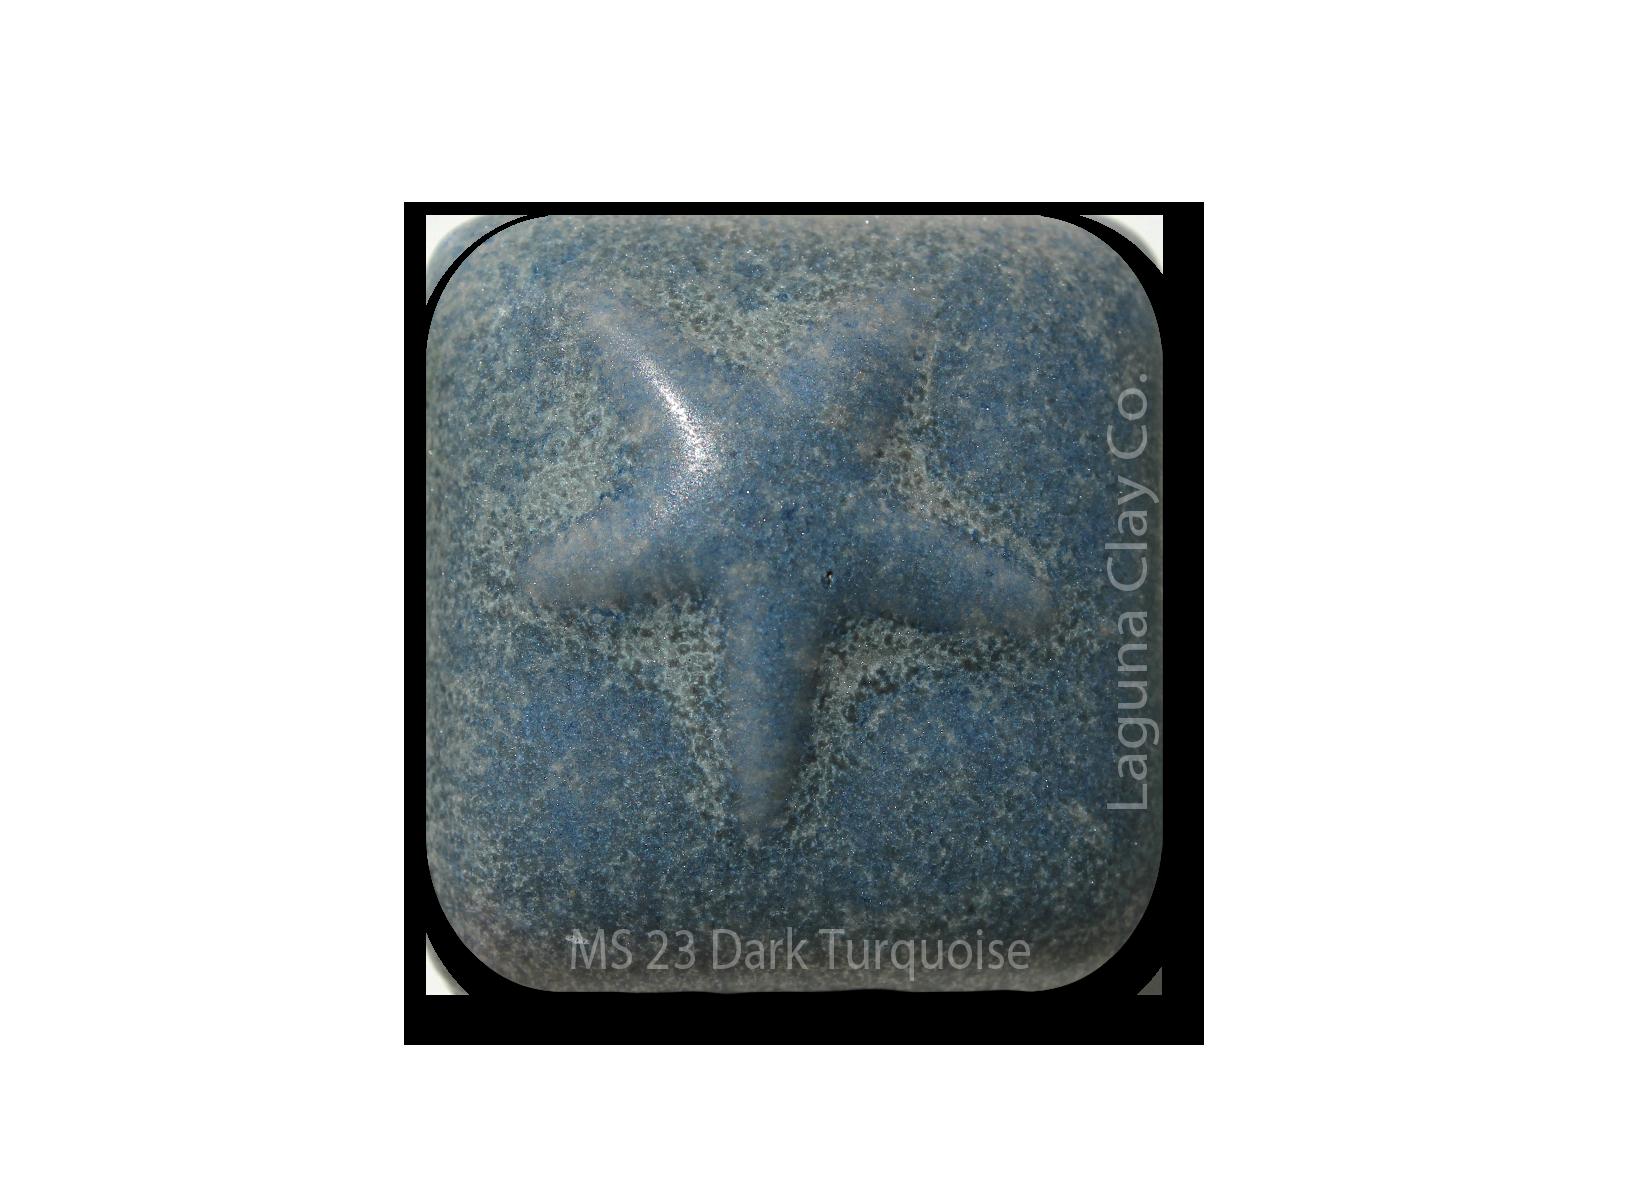 MS-23 Dark Turquoise